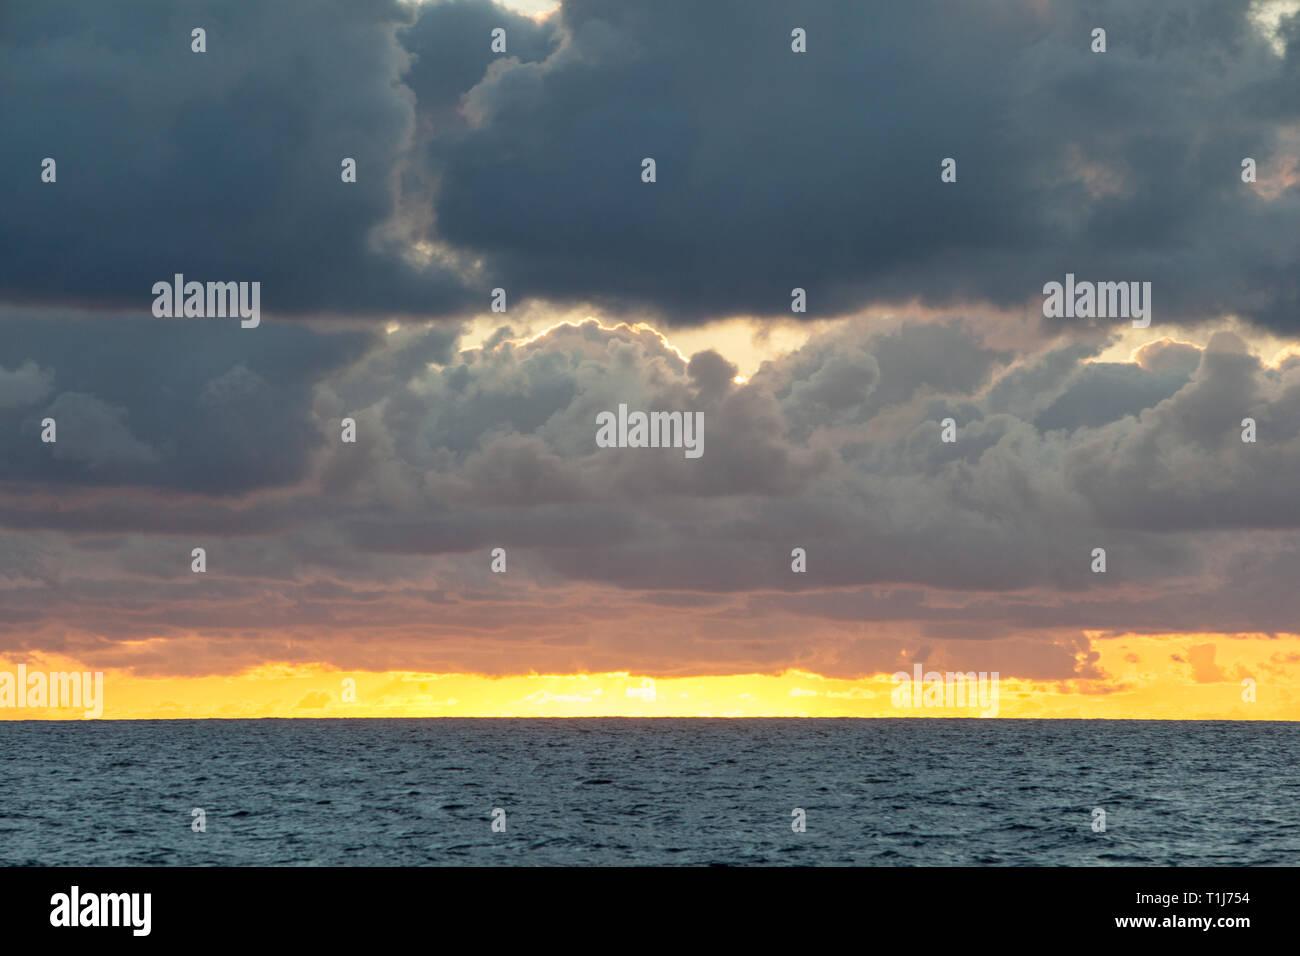 Un hermoso amanecer ilumina las nubes flotan sobre el Mar Caribe. Foto de stock